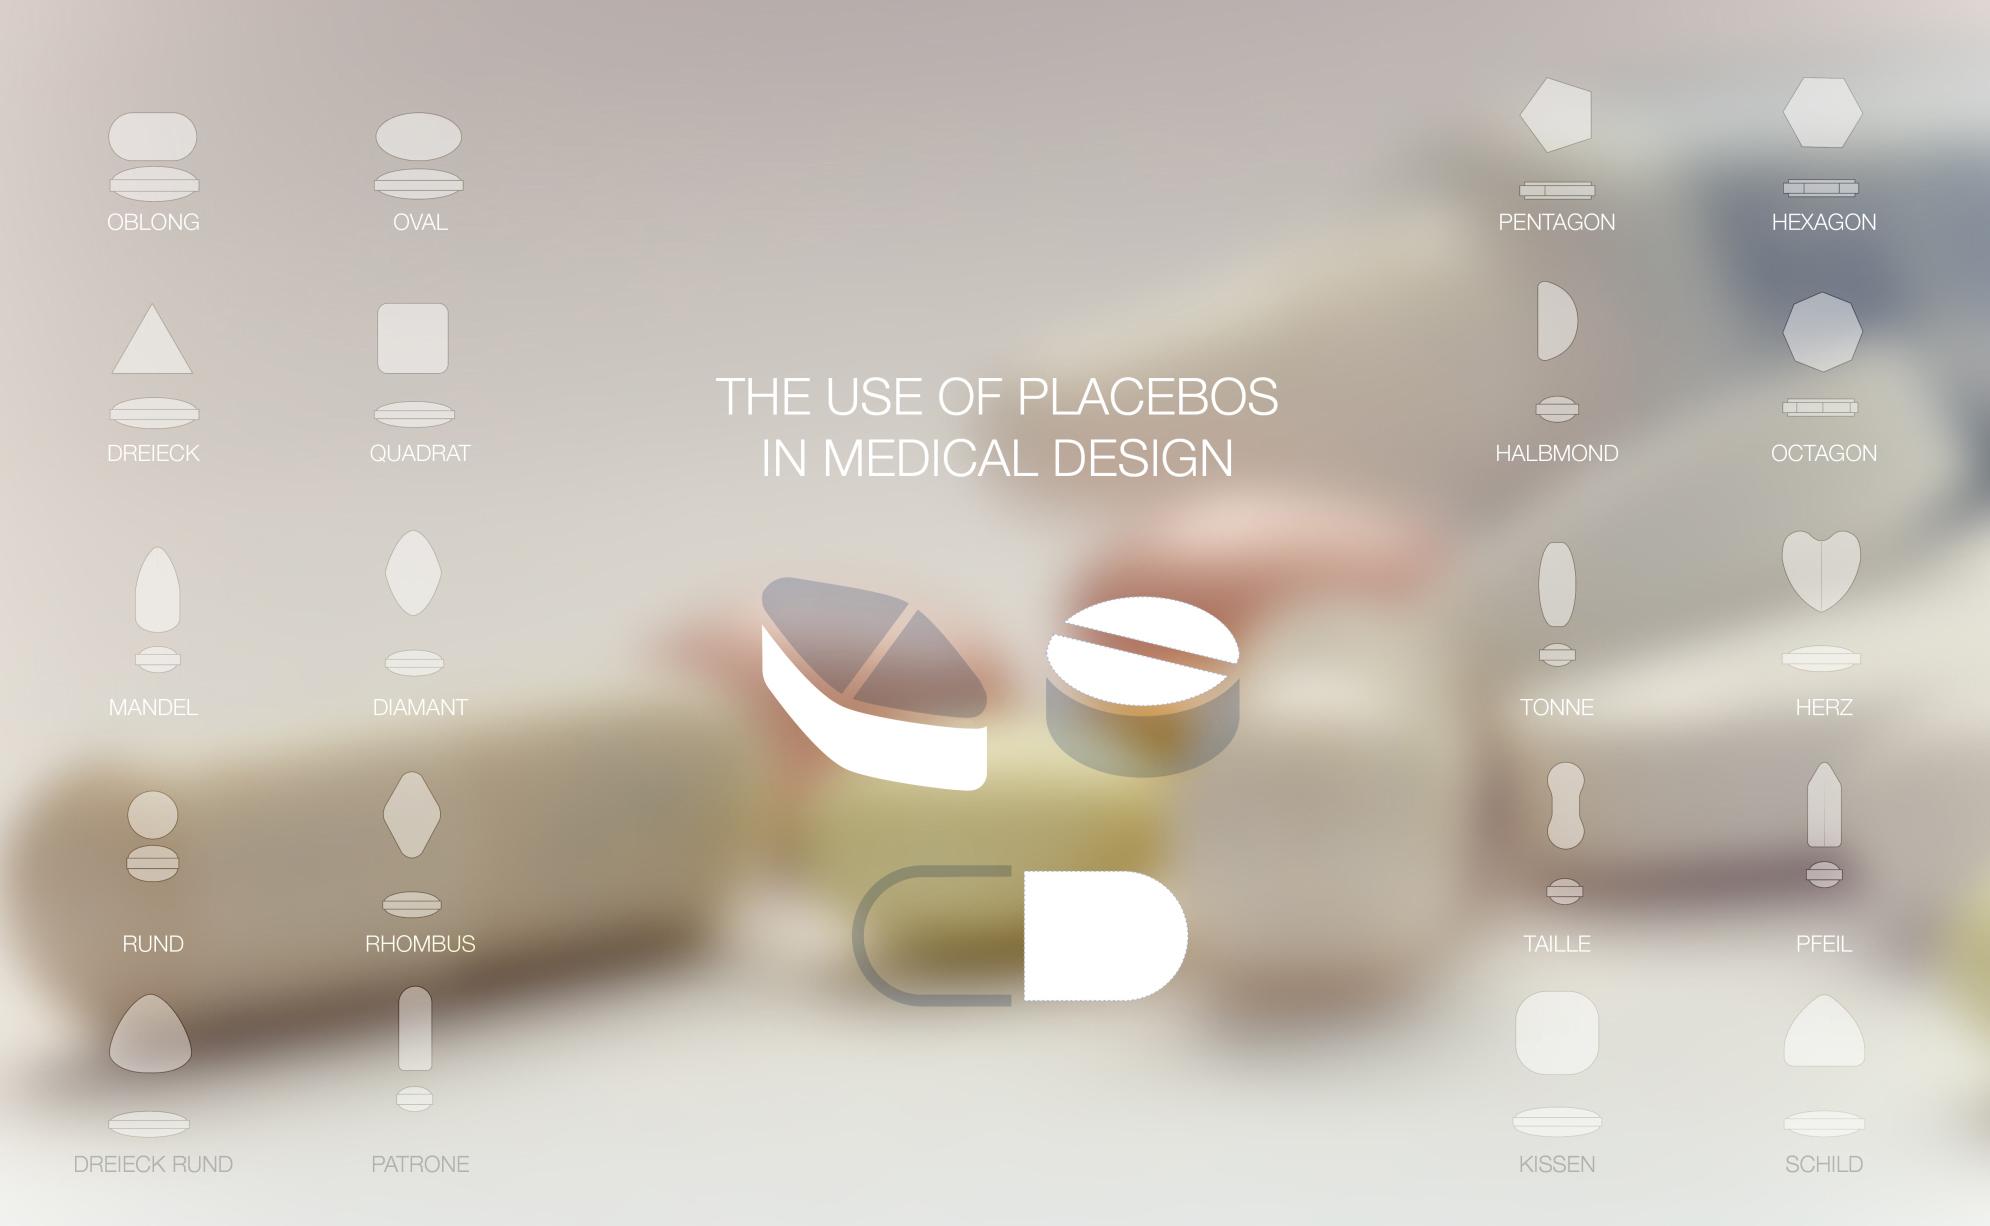 placebov2